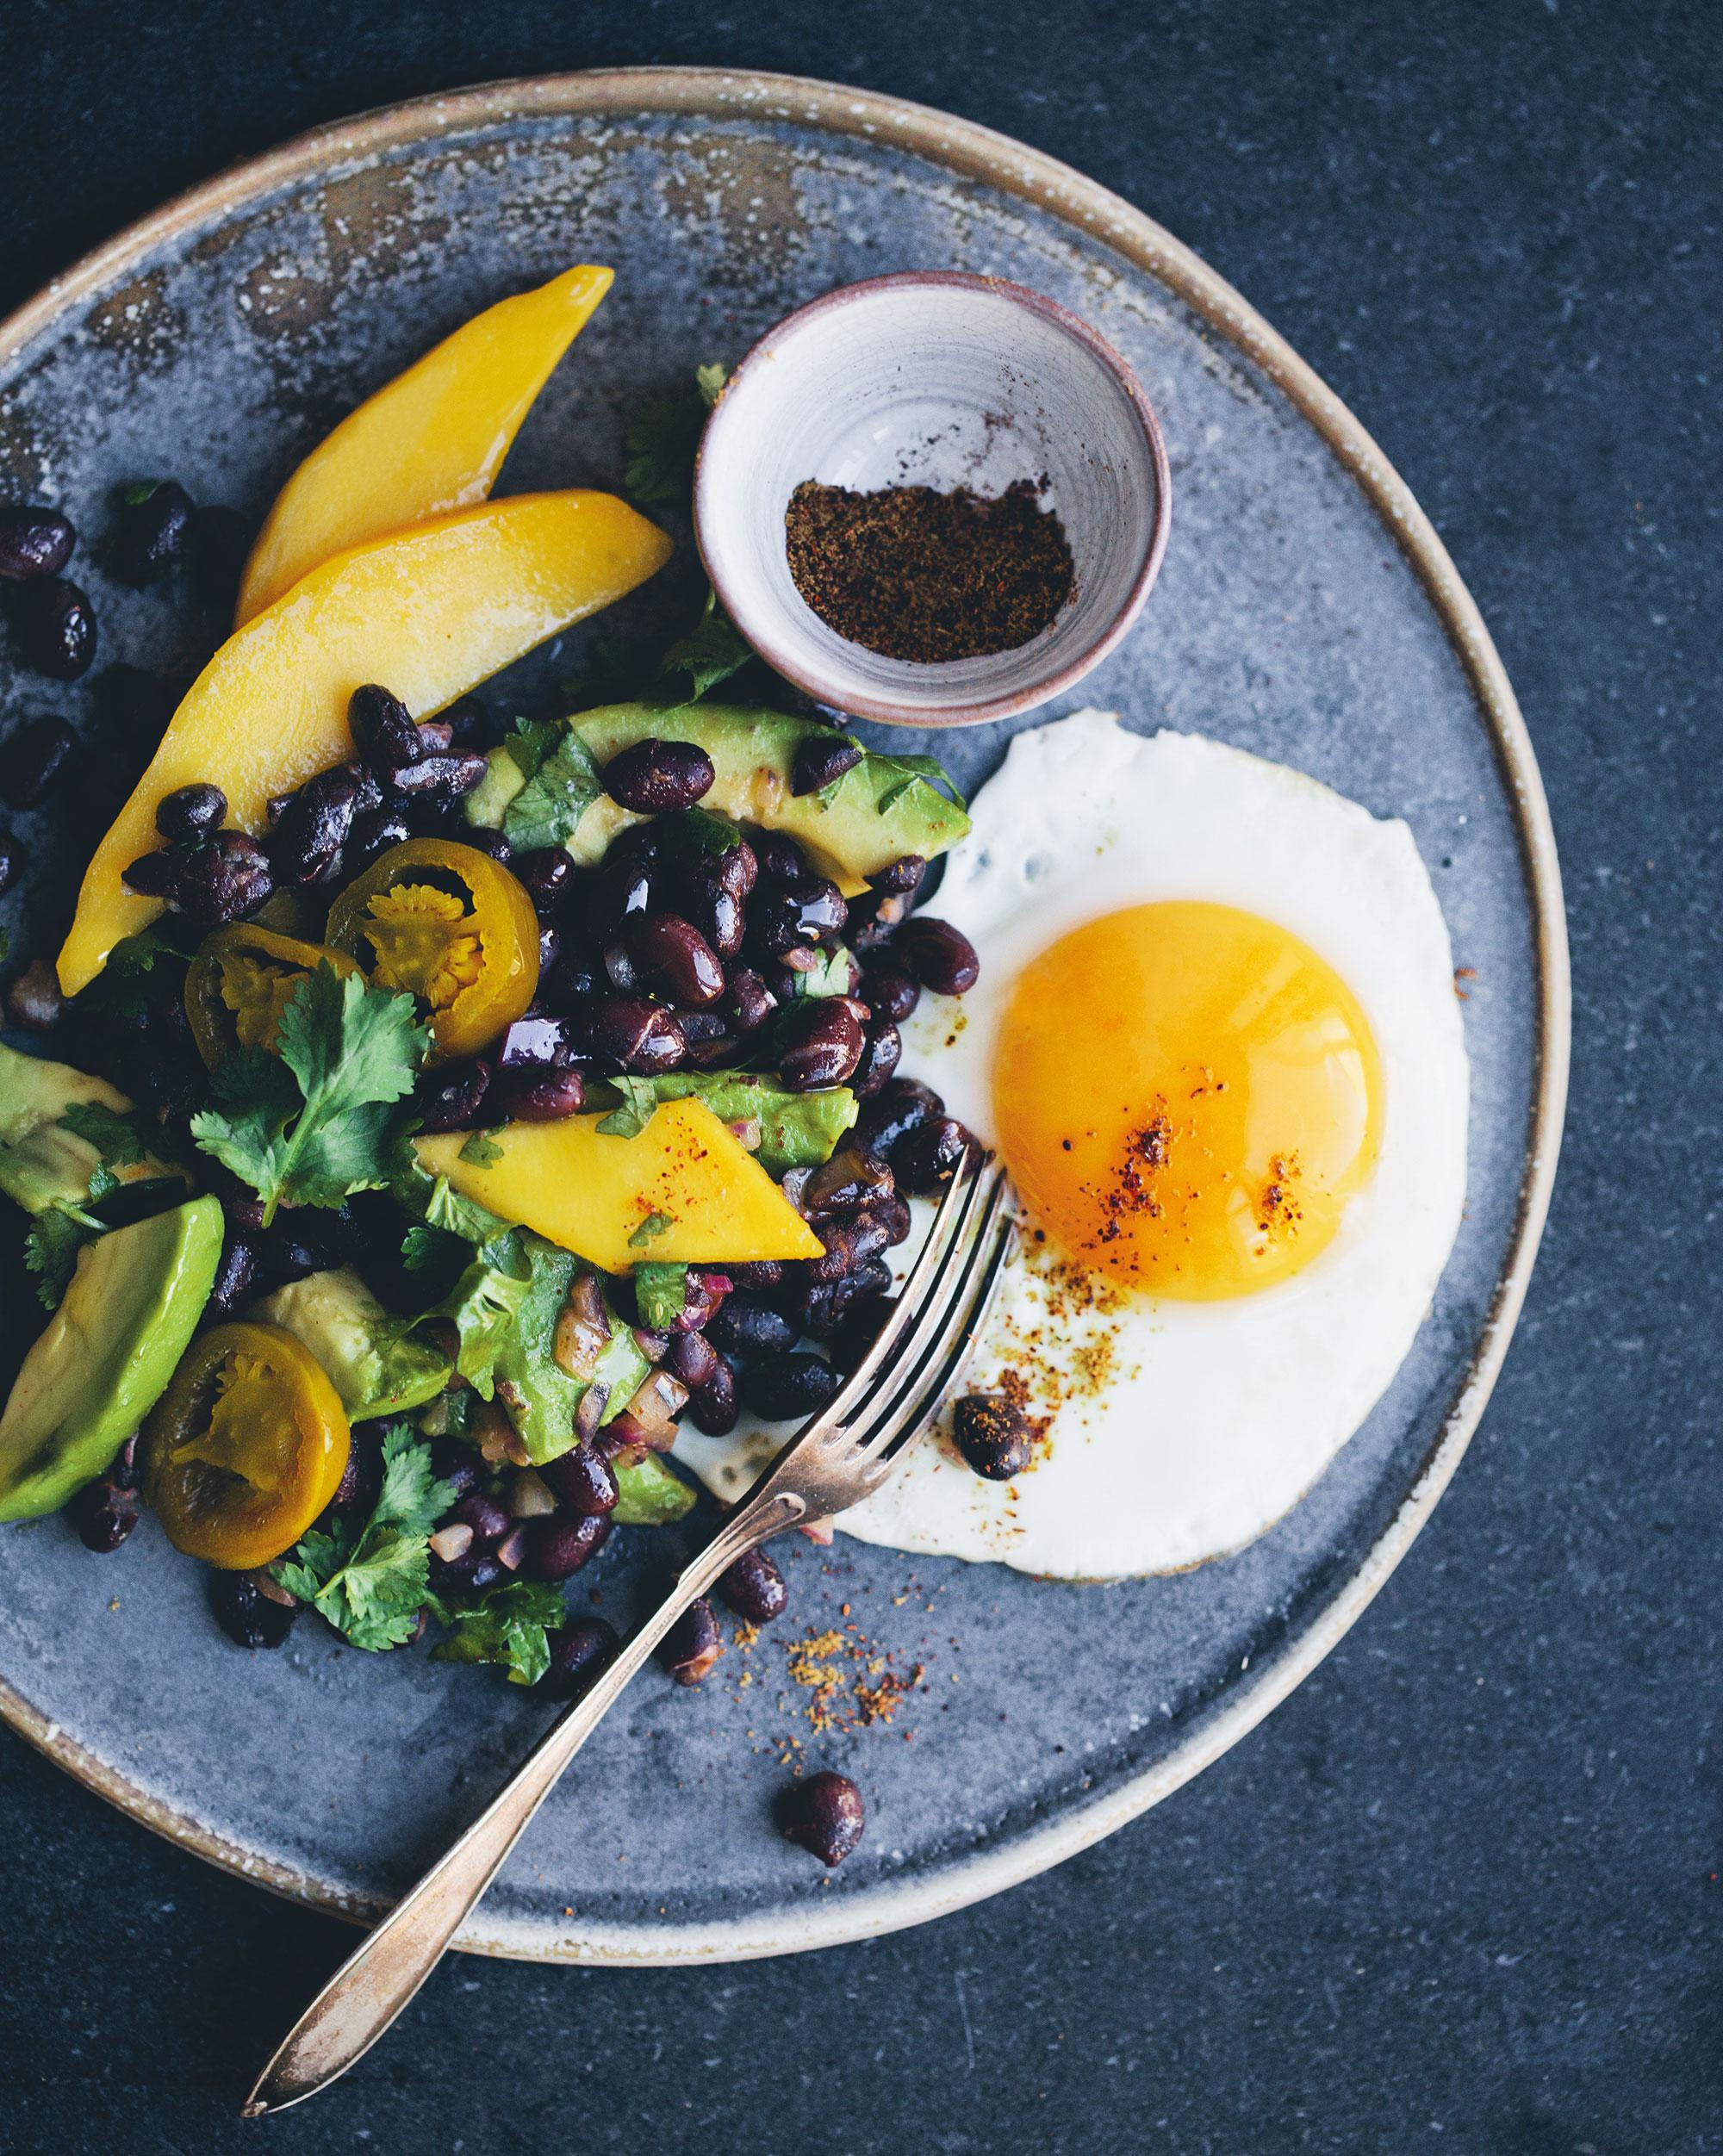 Moderne und inspirierende vegetarische vegane und überwiegend glutenfreie rezepte ergänzt durch wunderschöne reisefotos und persönliche anekdoten